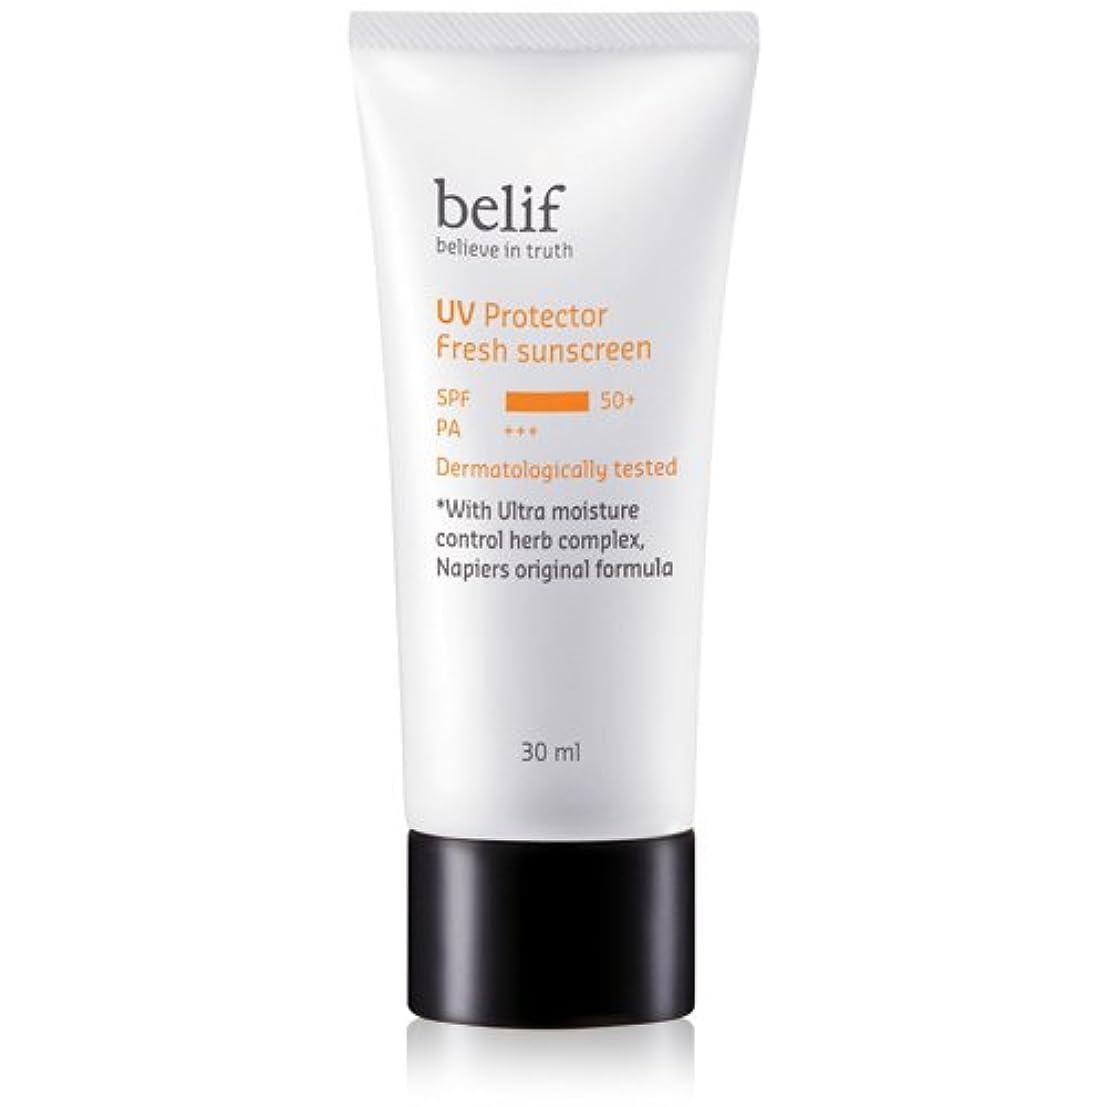 聖域与える考案するBelif(ビリーフ) UV Protector Fresh sunscreen 30ml/ビリーフUVプロテクターフレッシュサンスクリーン